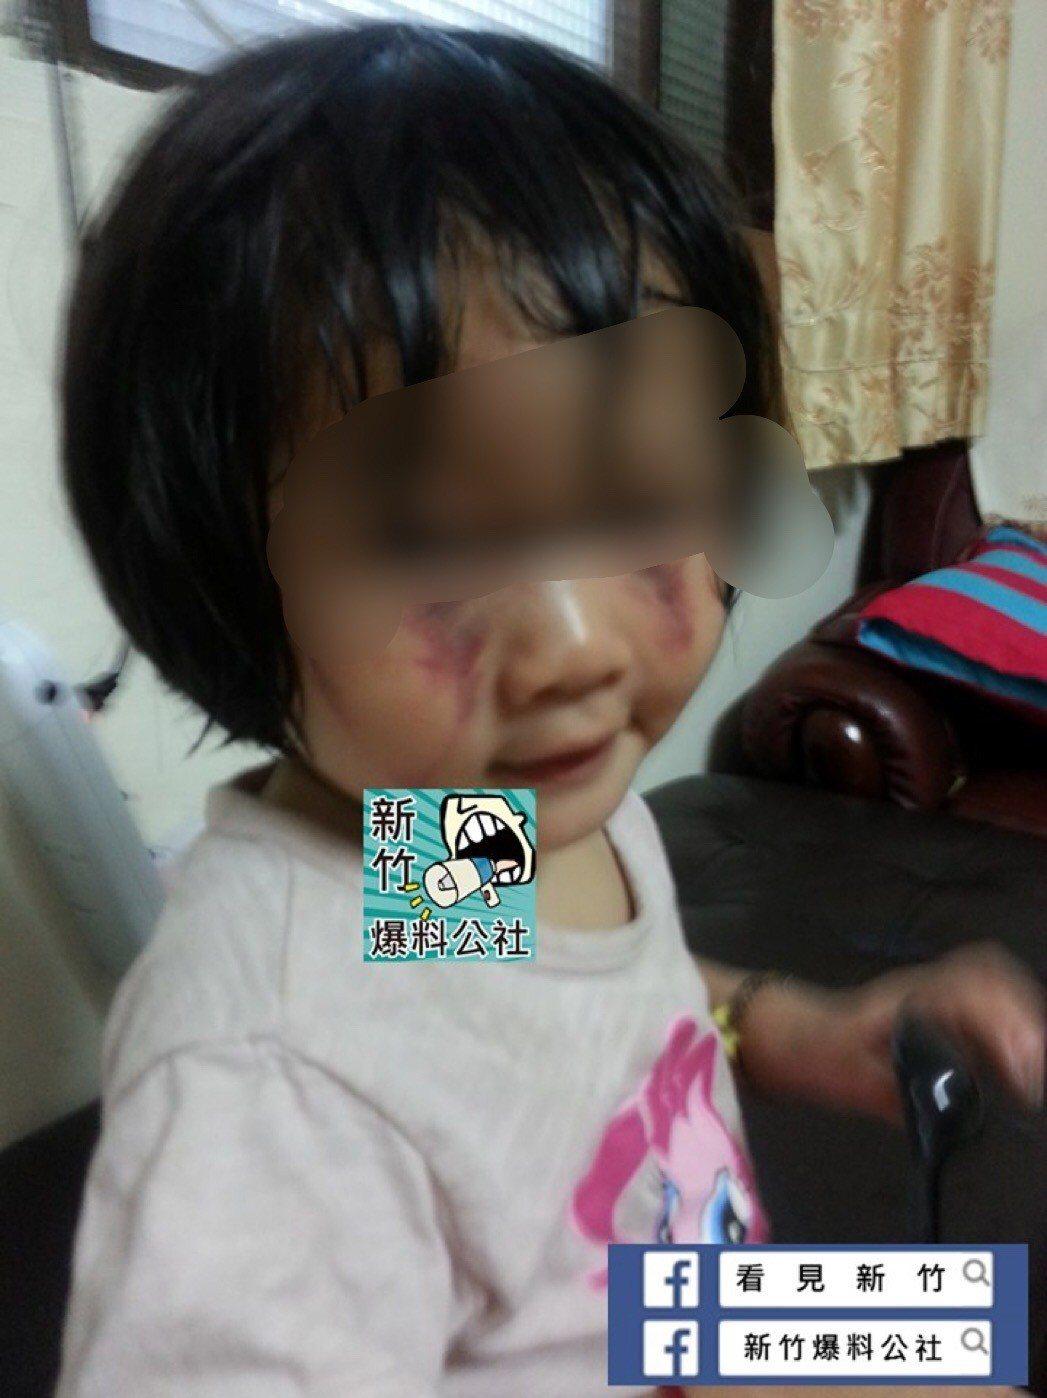 2歲女被繼父打成貓熊眼後緊急安置 生母竟帶走求復合